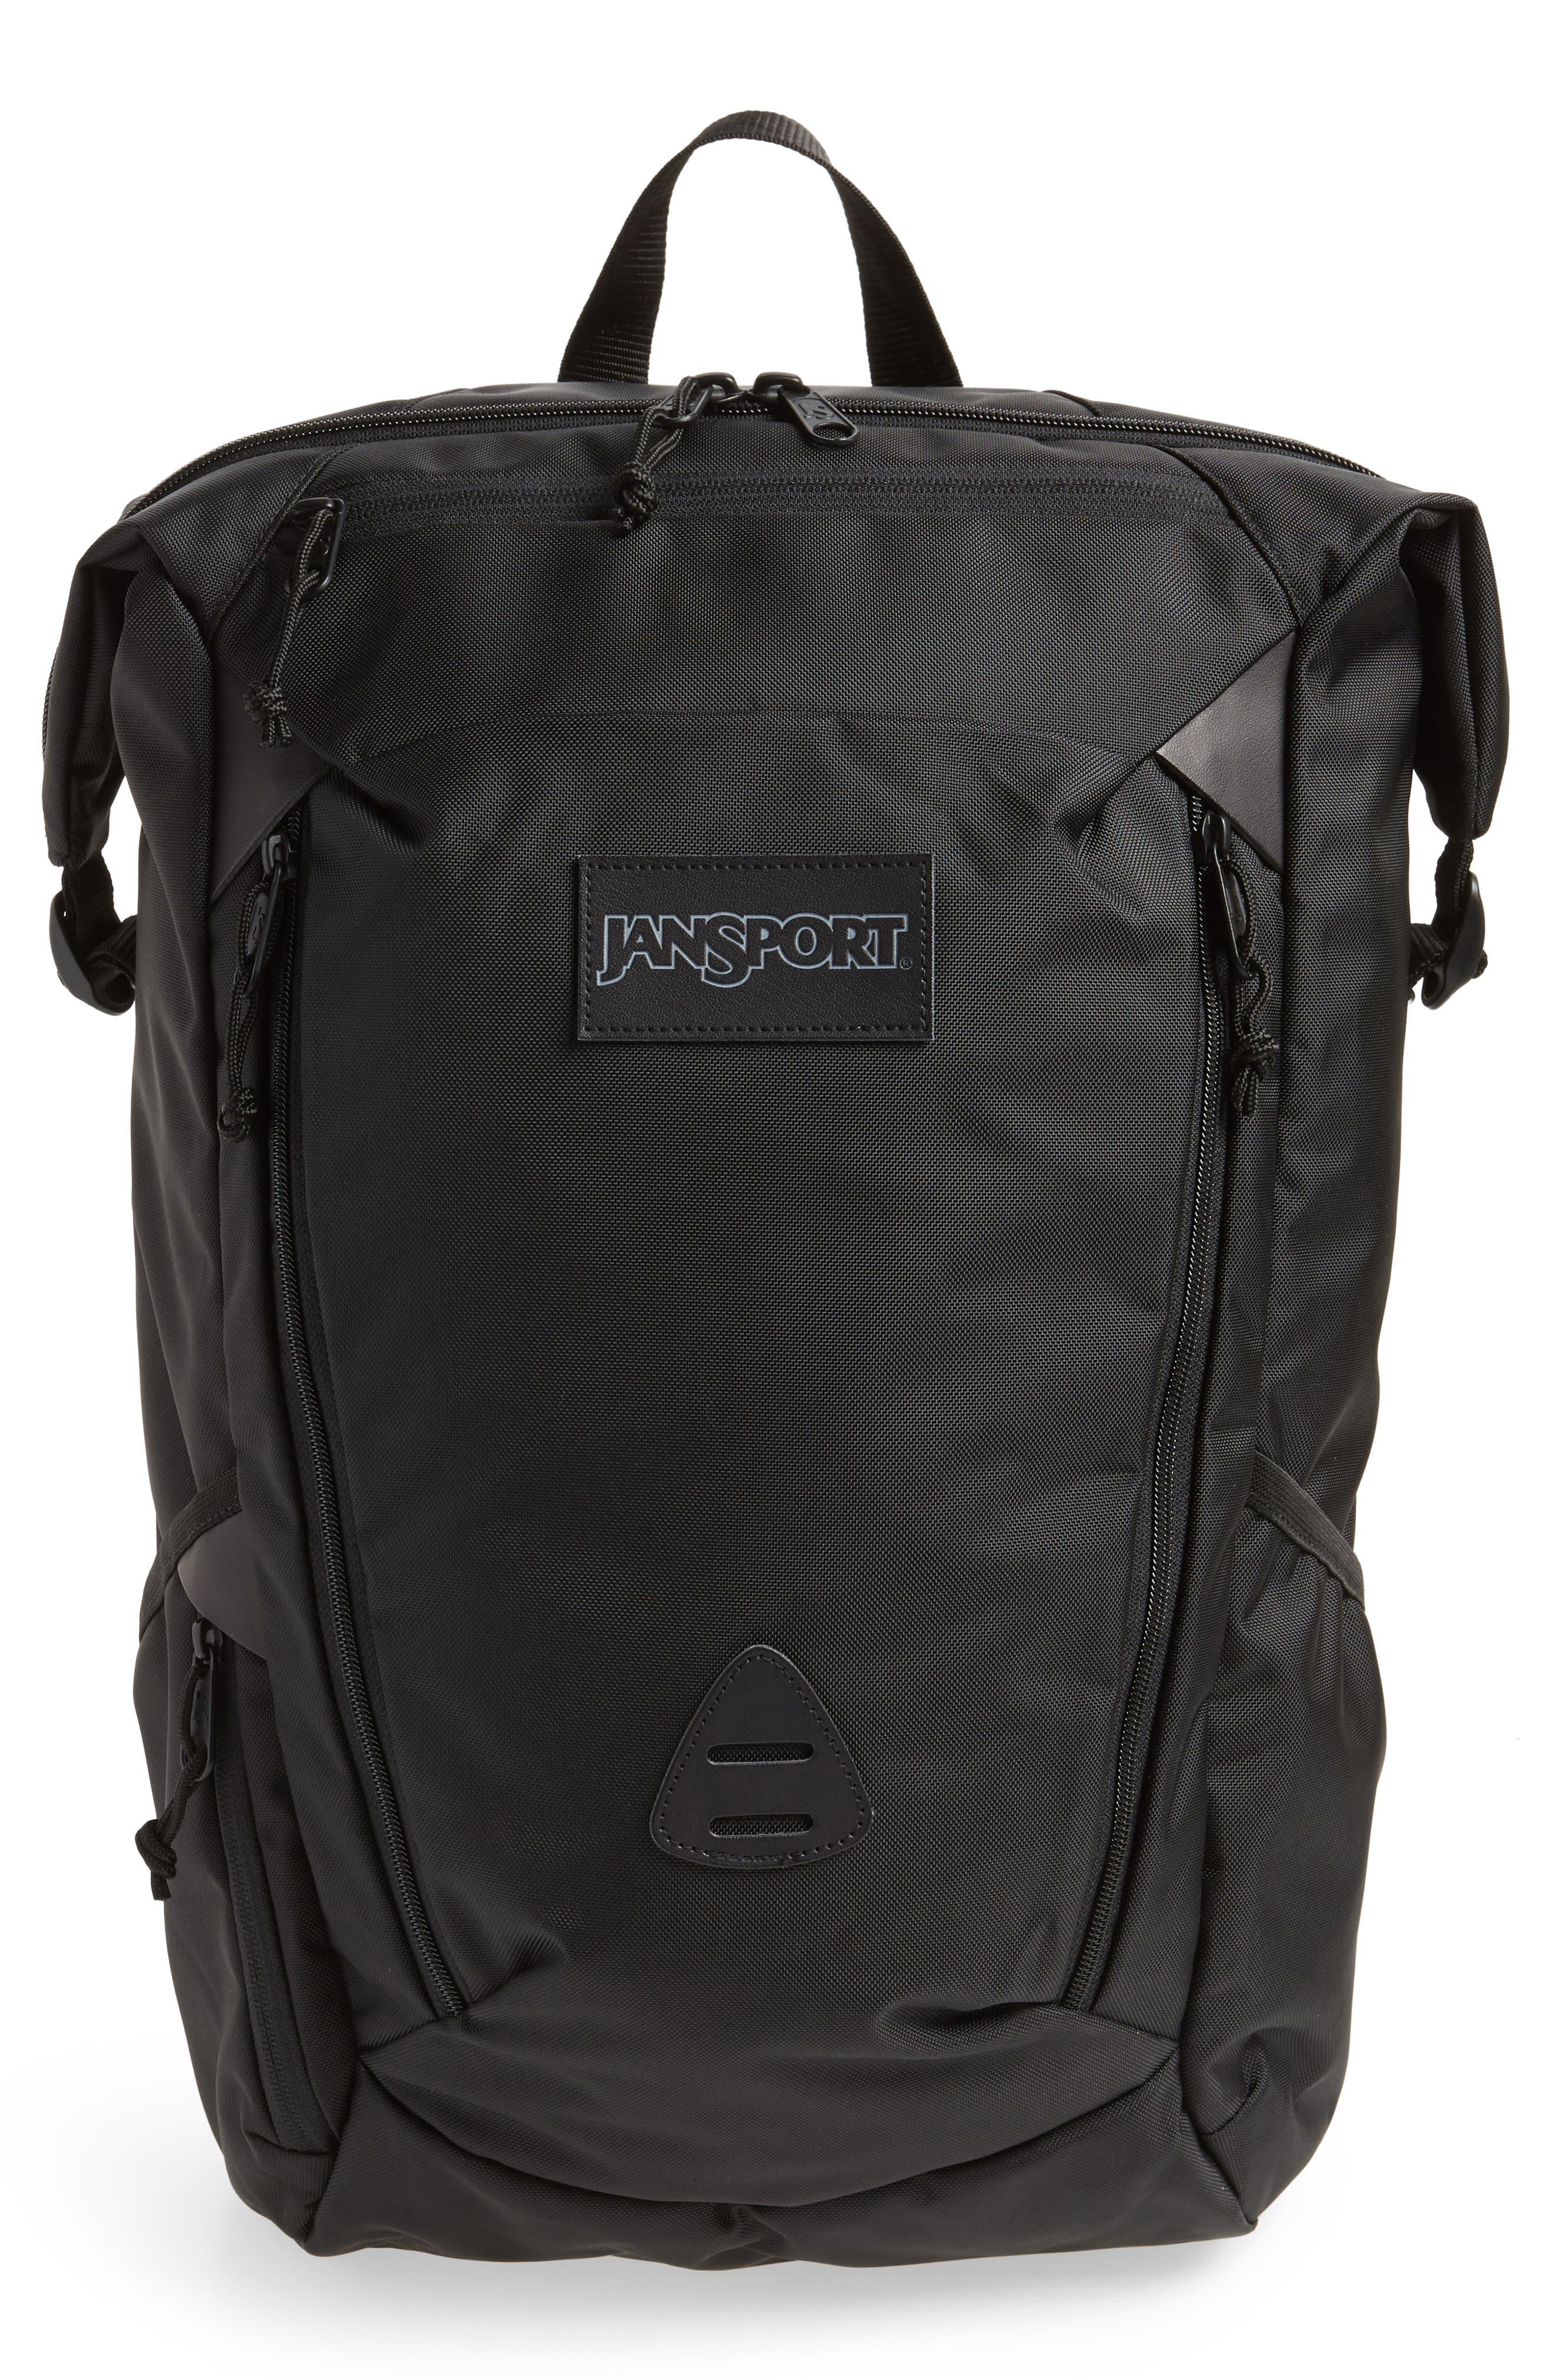 Jansport Shotwell Backpack